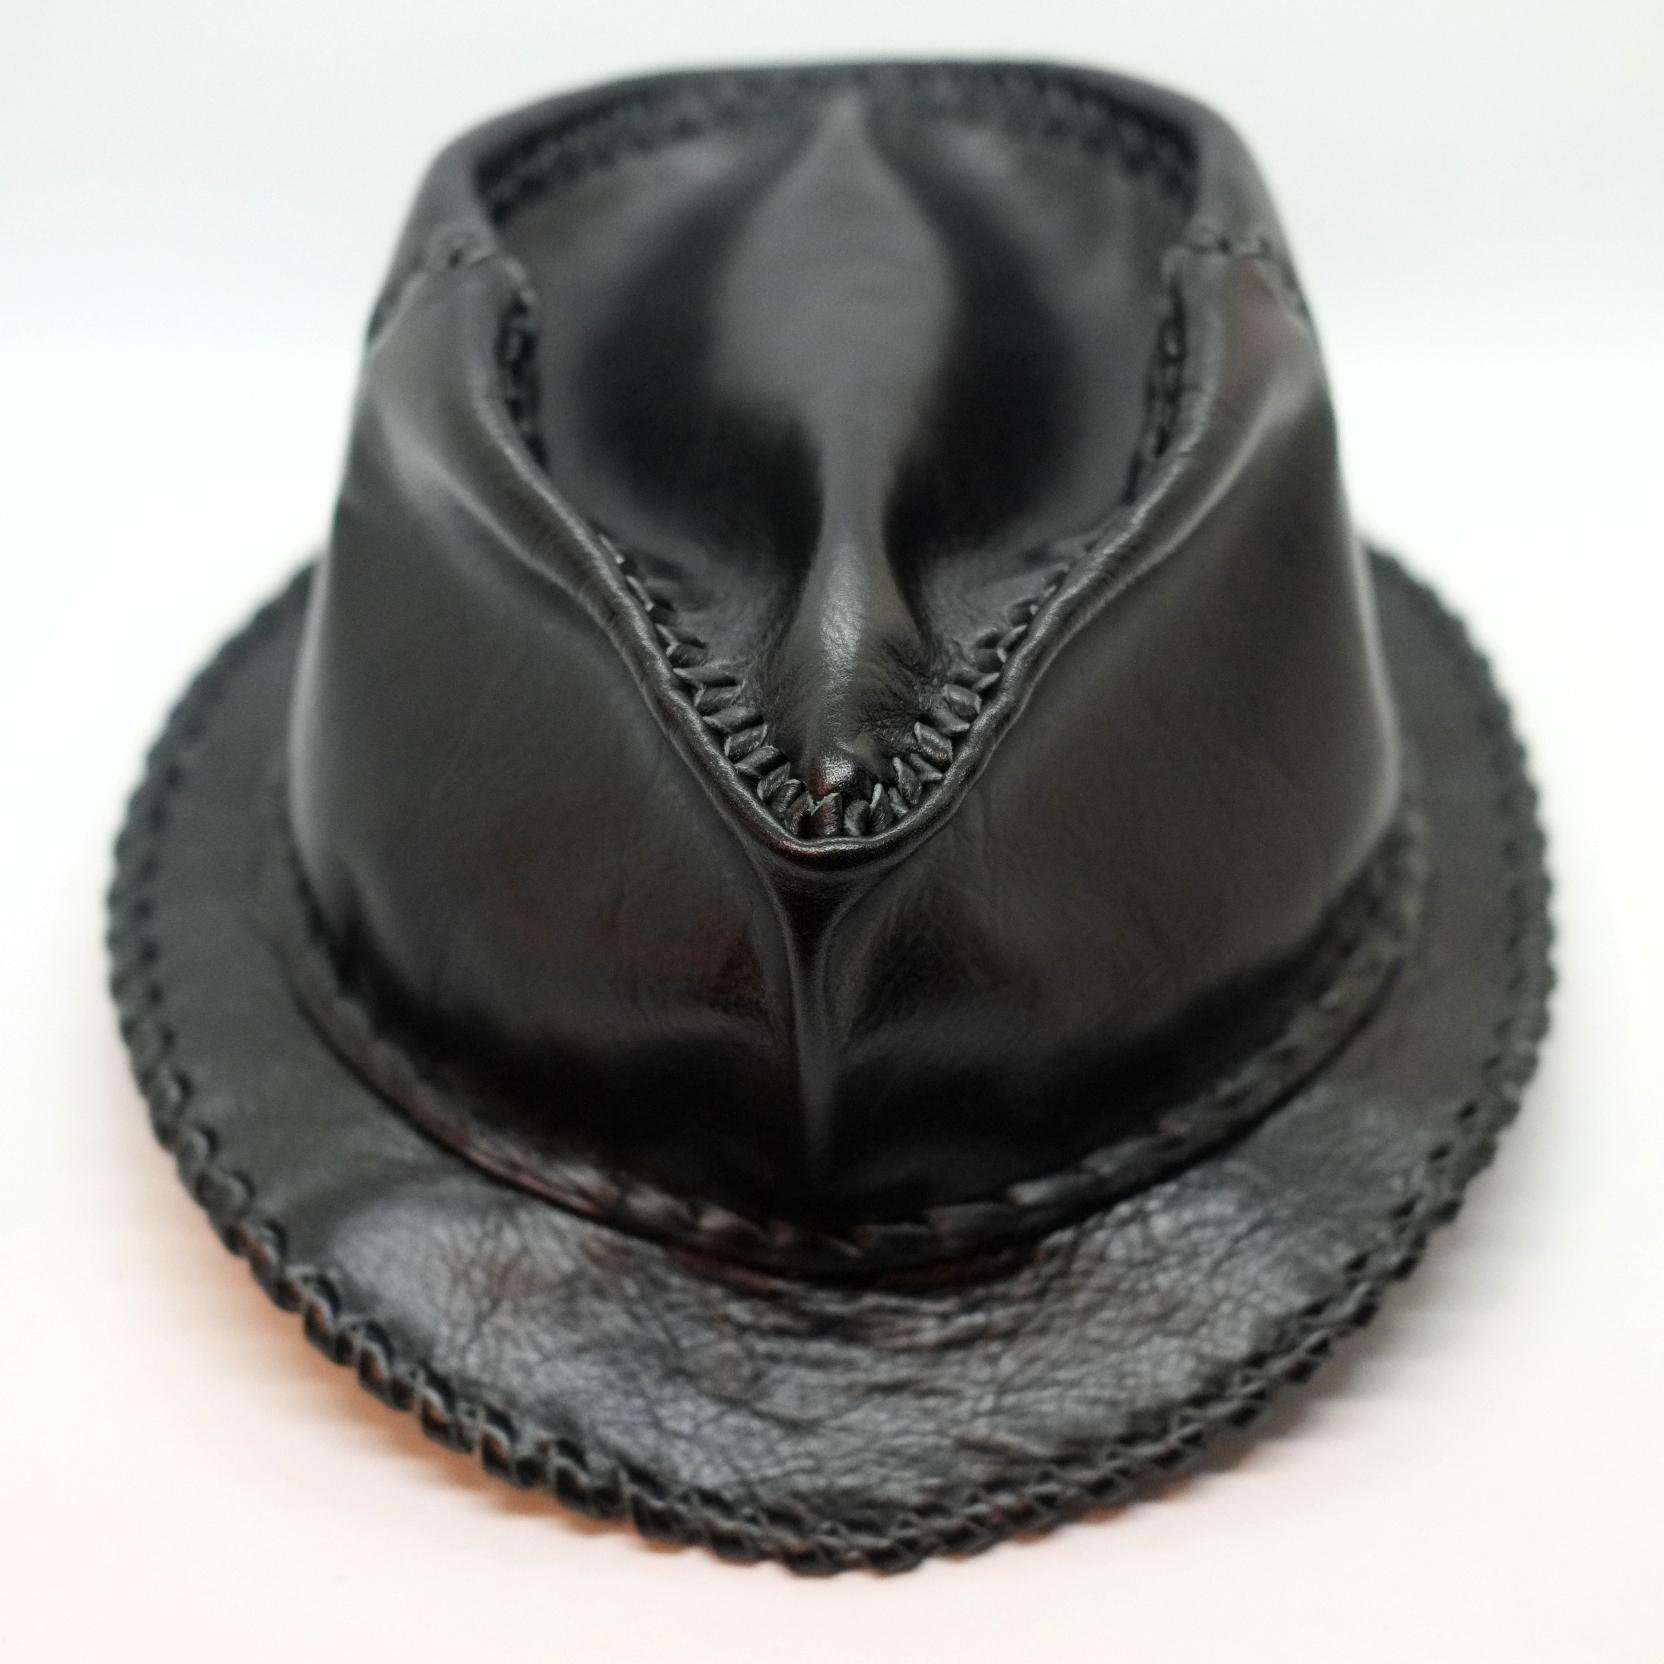 ショートブリム BAL-HAT-NEO(BLACK HORSE)予約受付販売